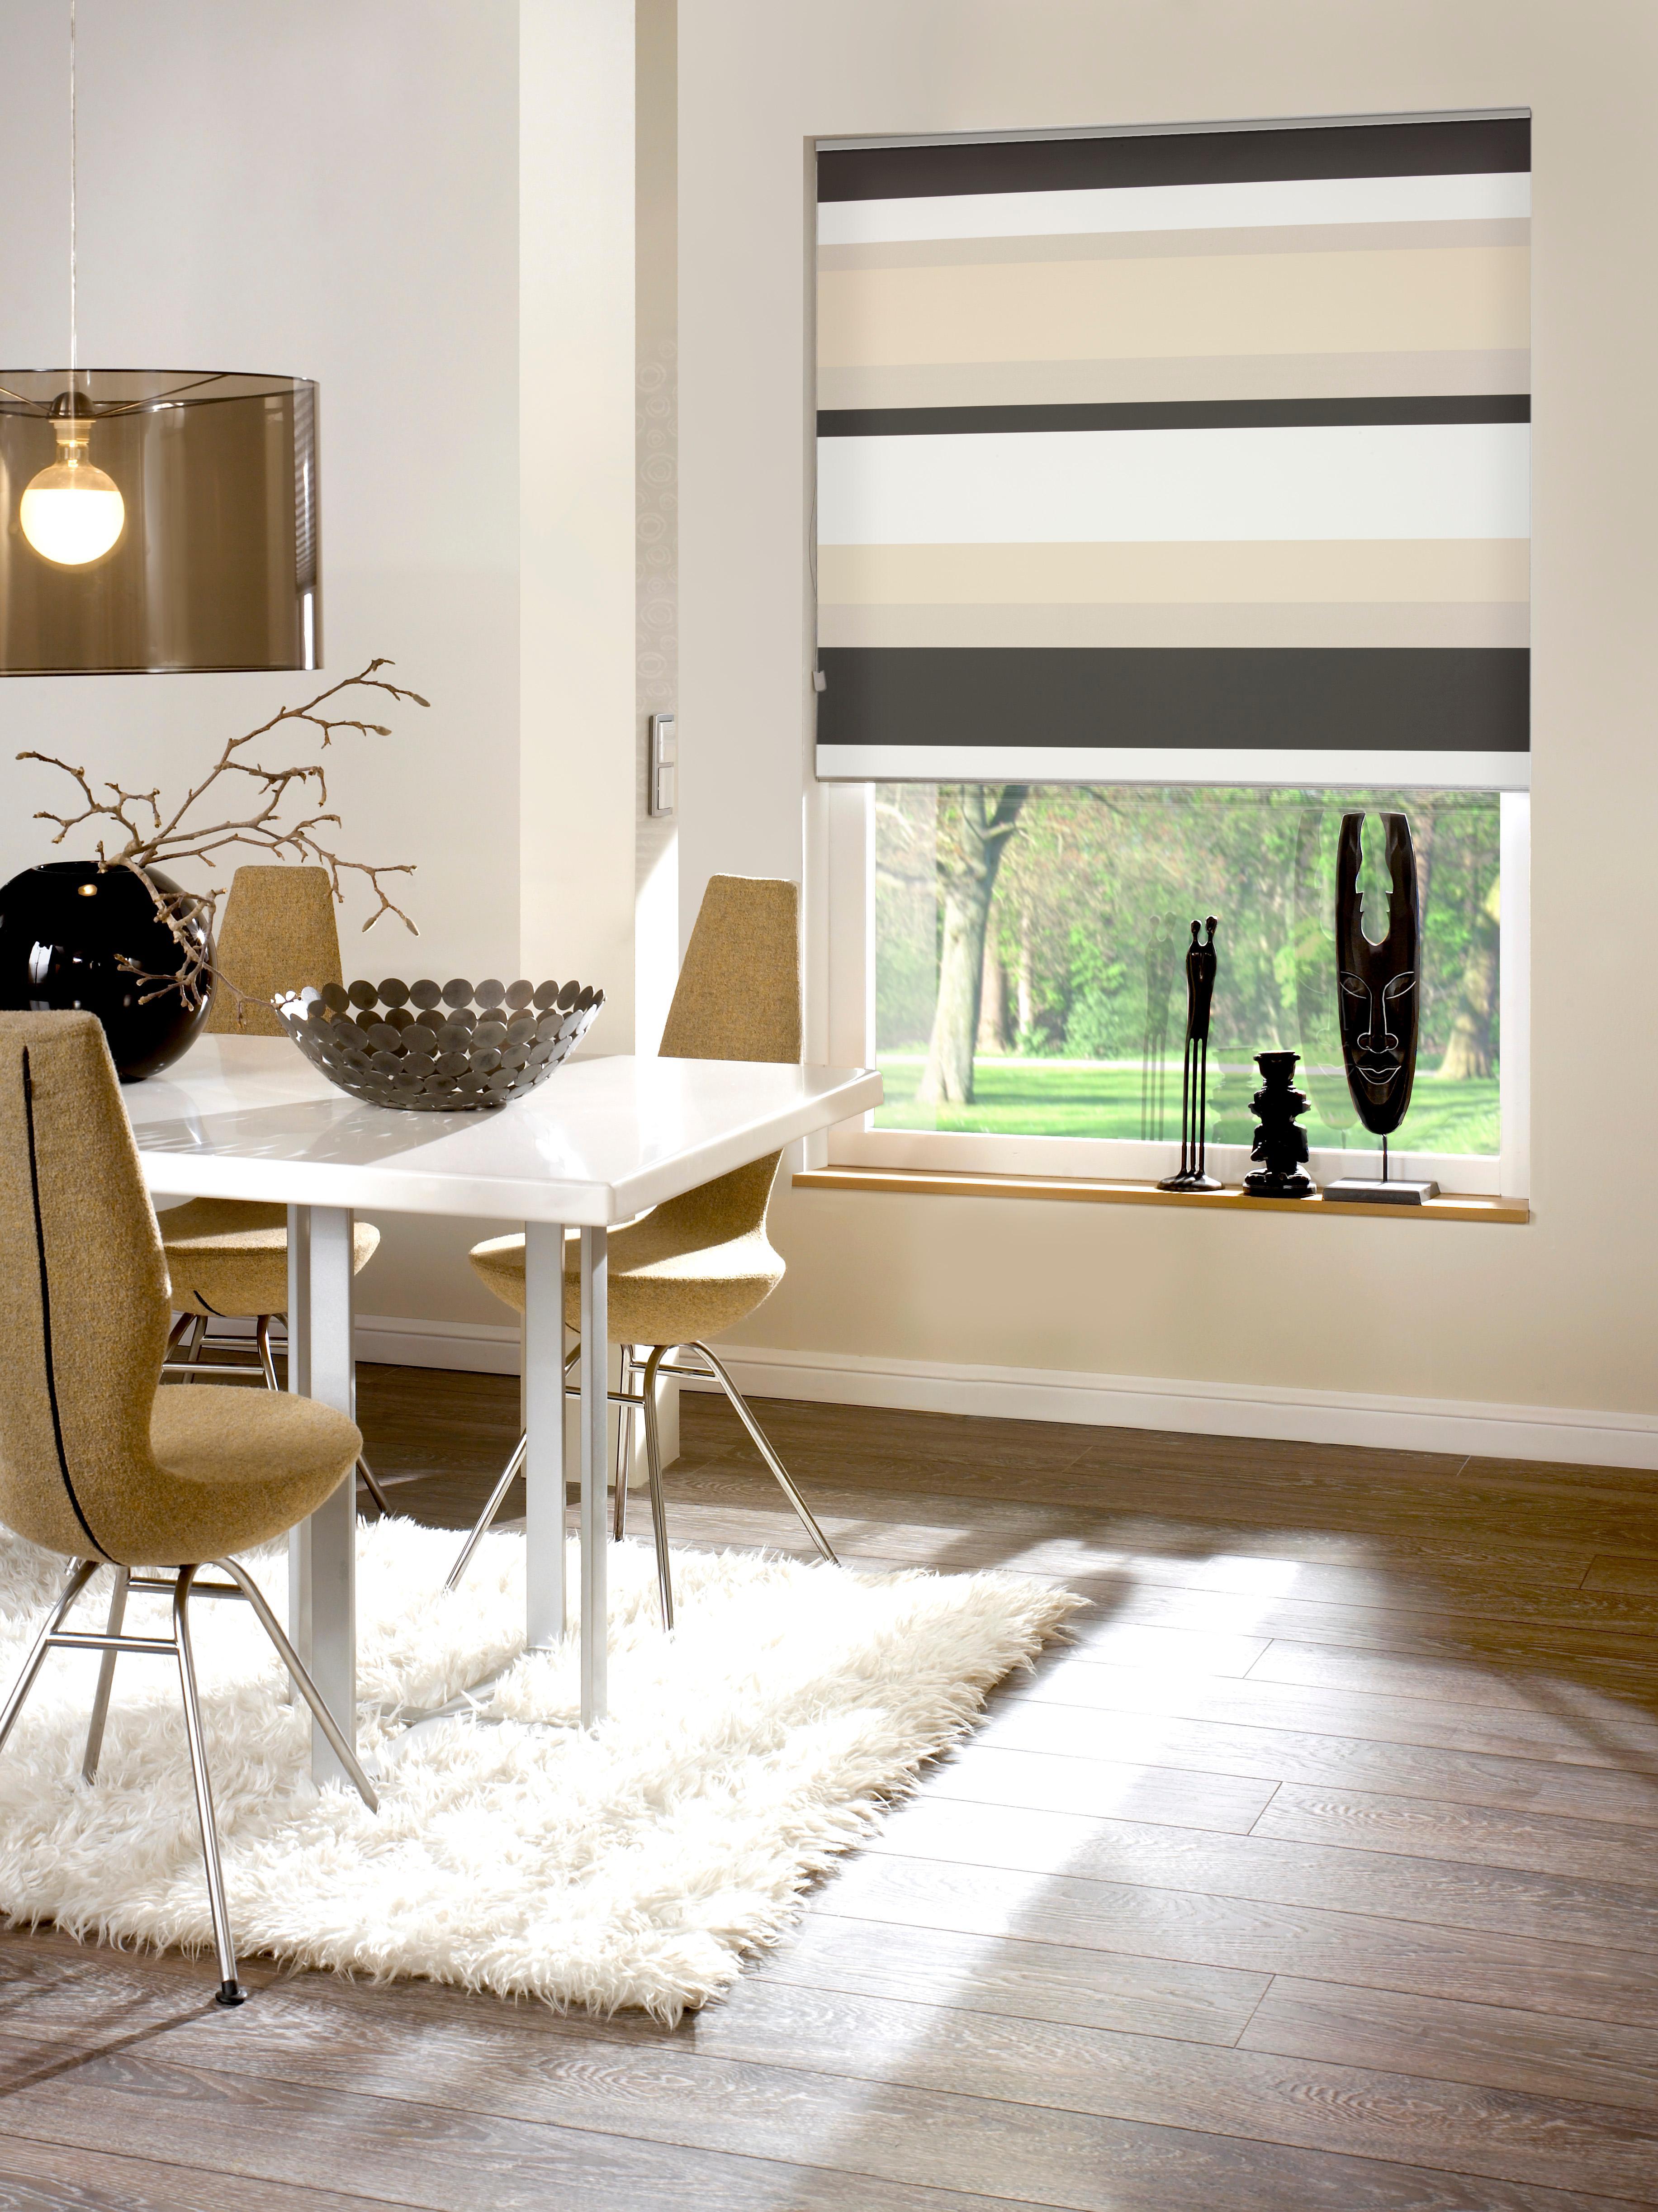 küchenrollo • bilder ideen • couchstyle